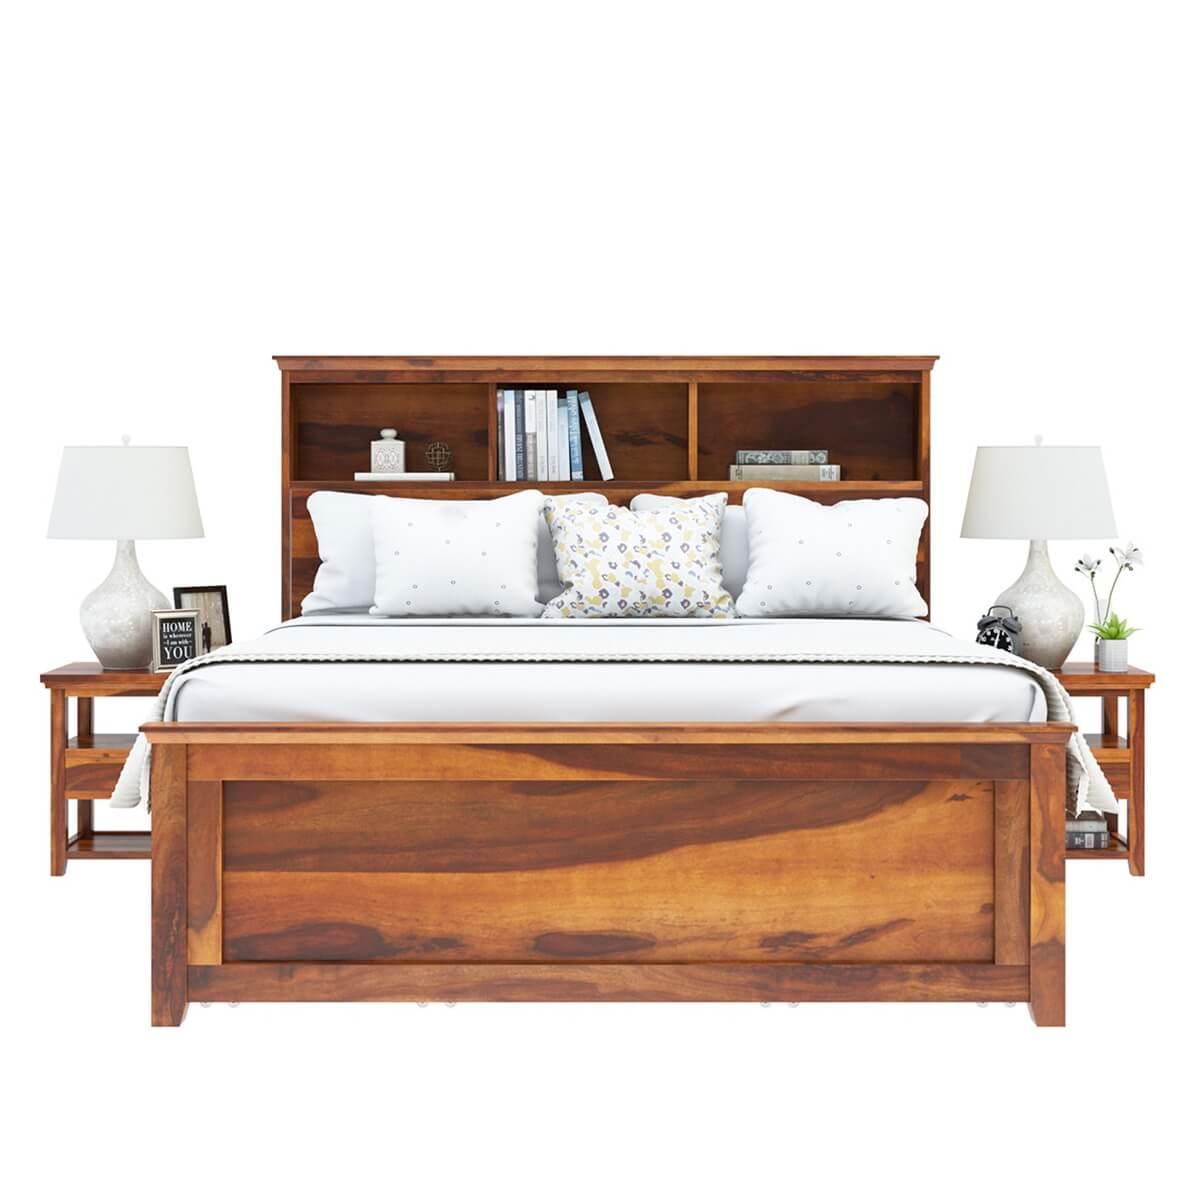 mission modern solid wood platform storage bed. Black Bedroom Furniture Sets. Home Design Ideas